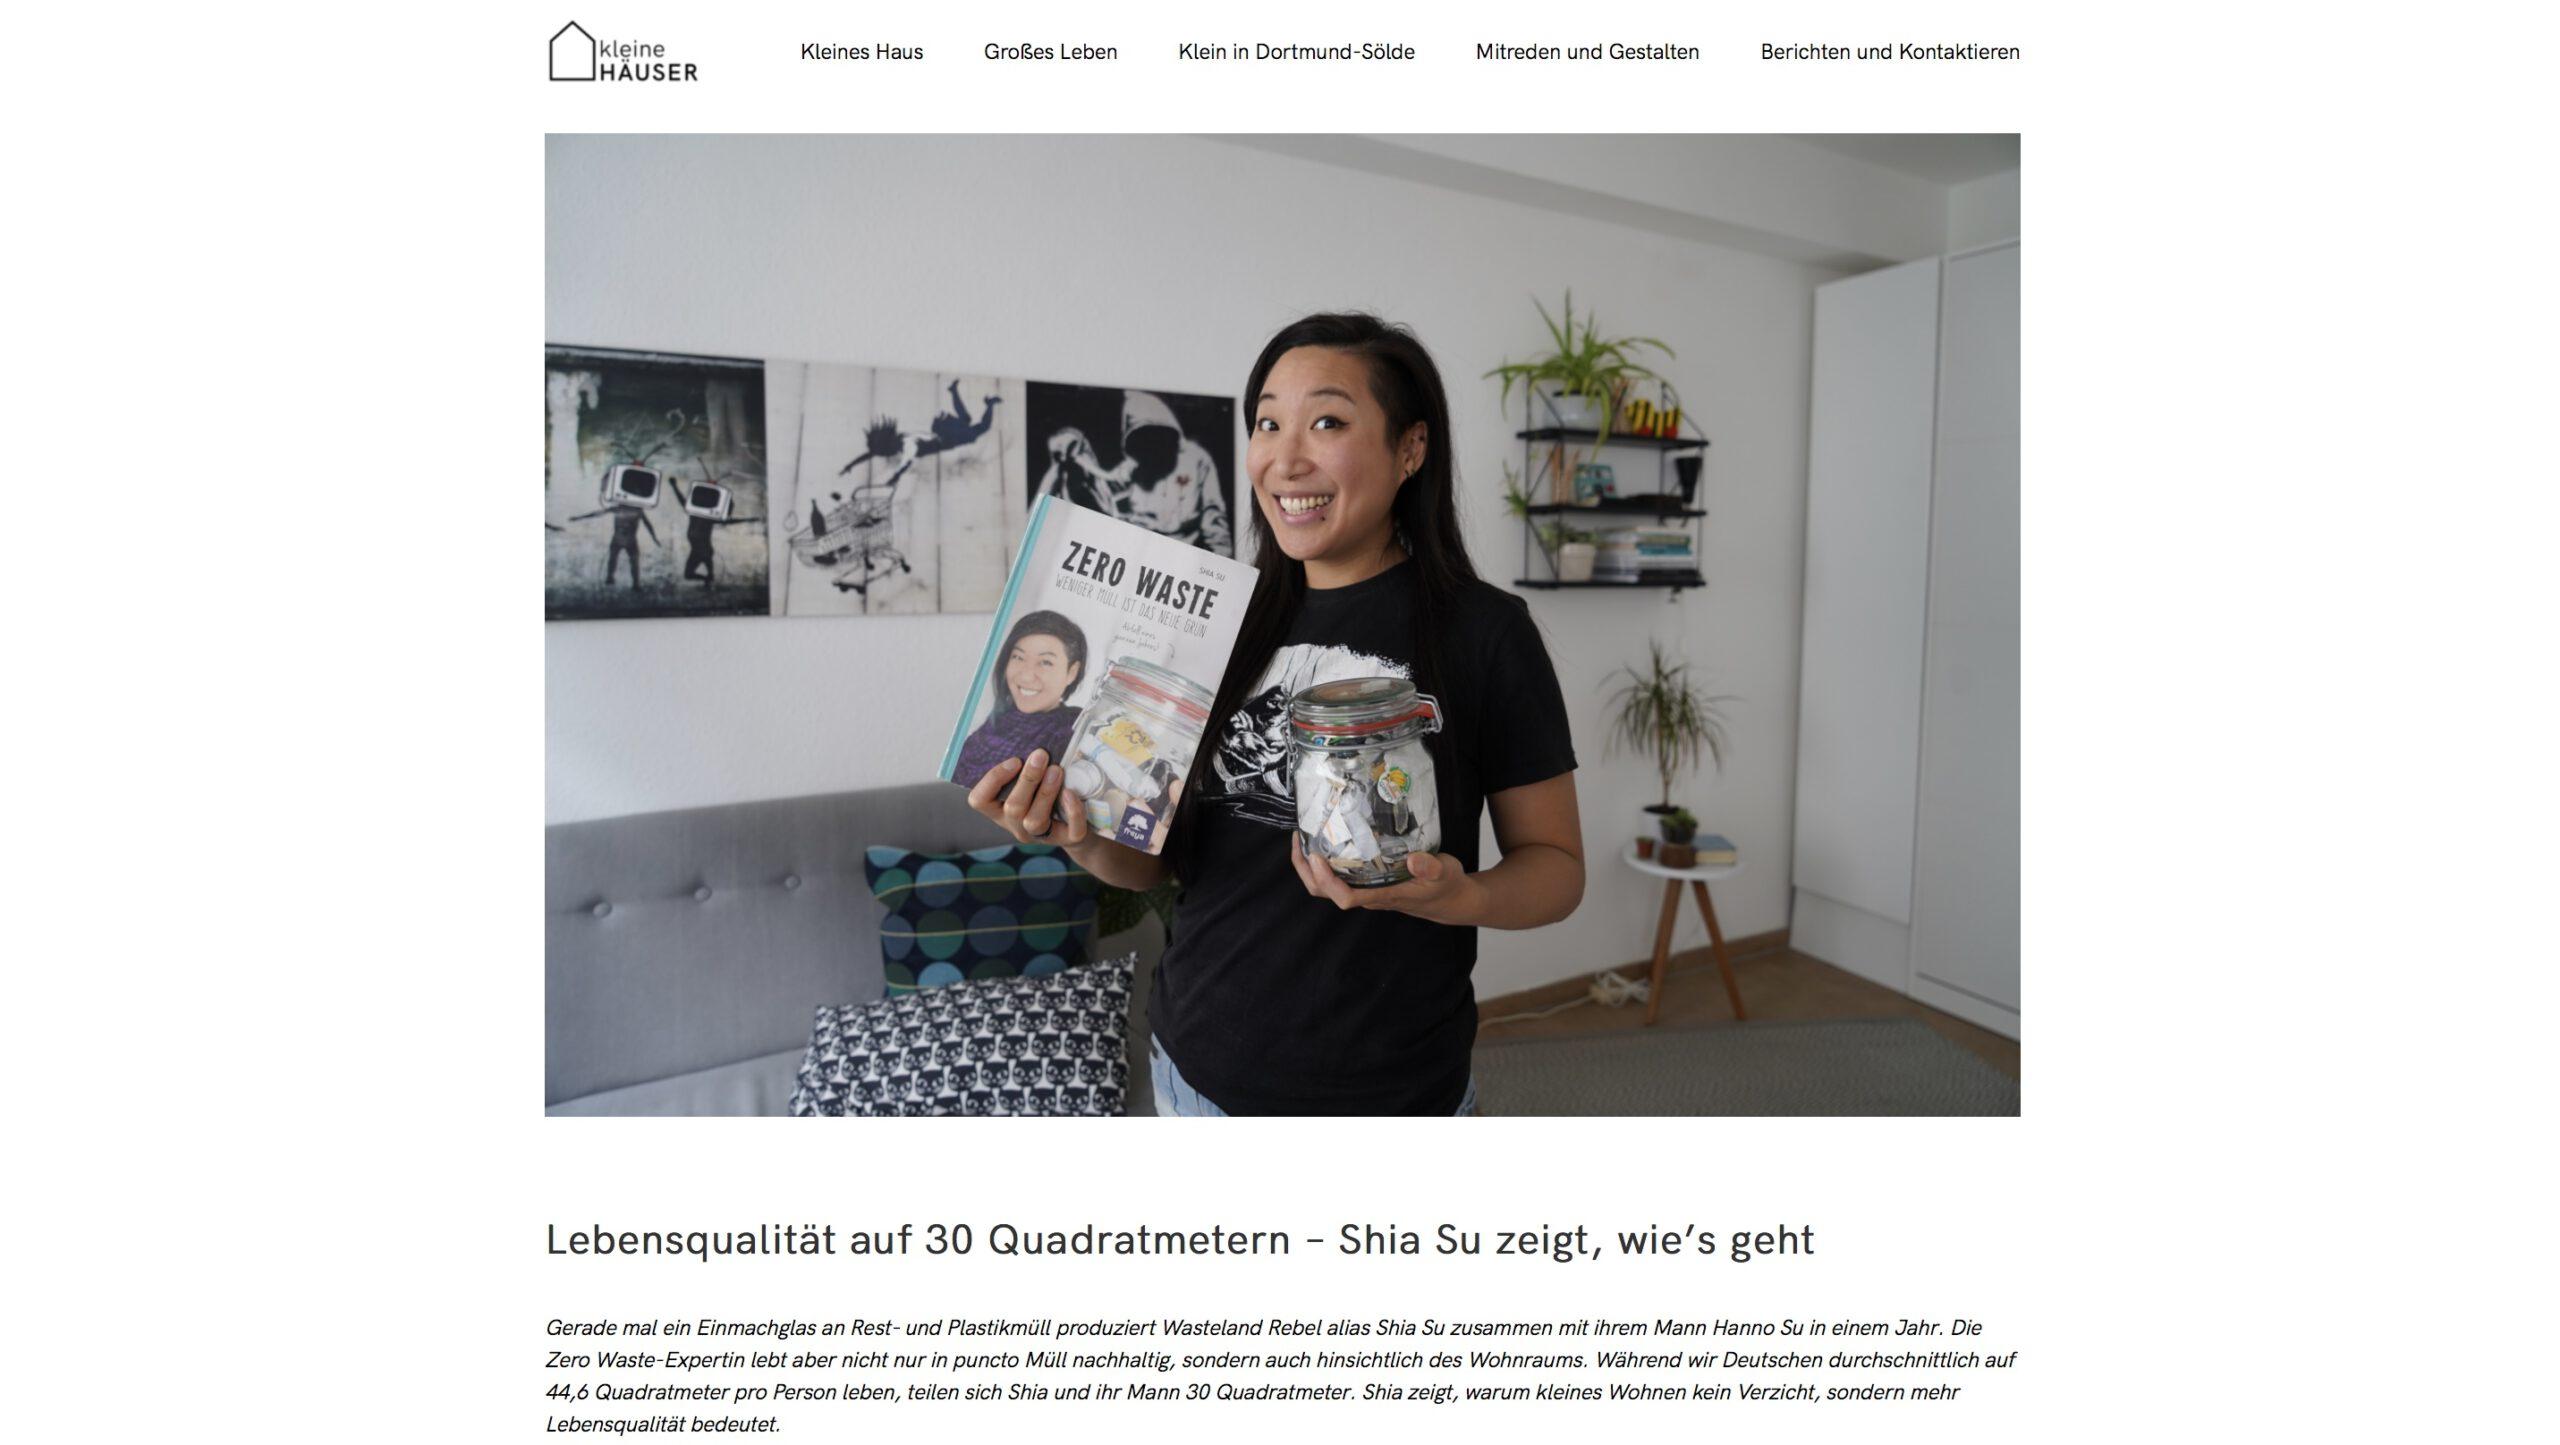 Moduldrei Referenz – Kleine Häuser Dortmund, Shia Su